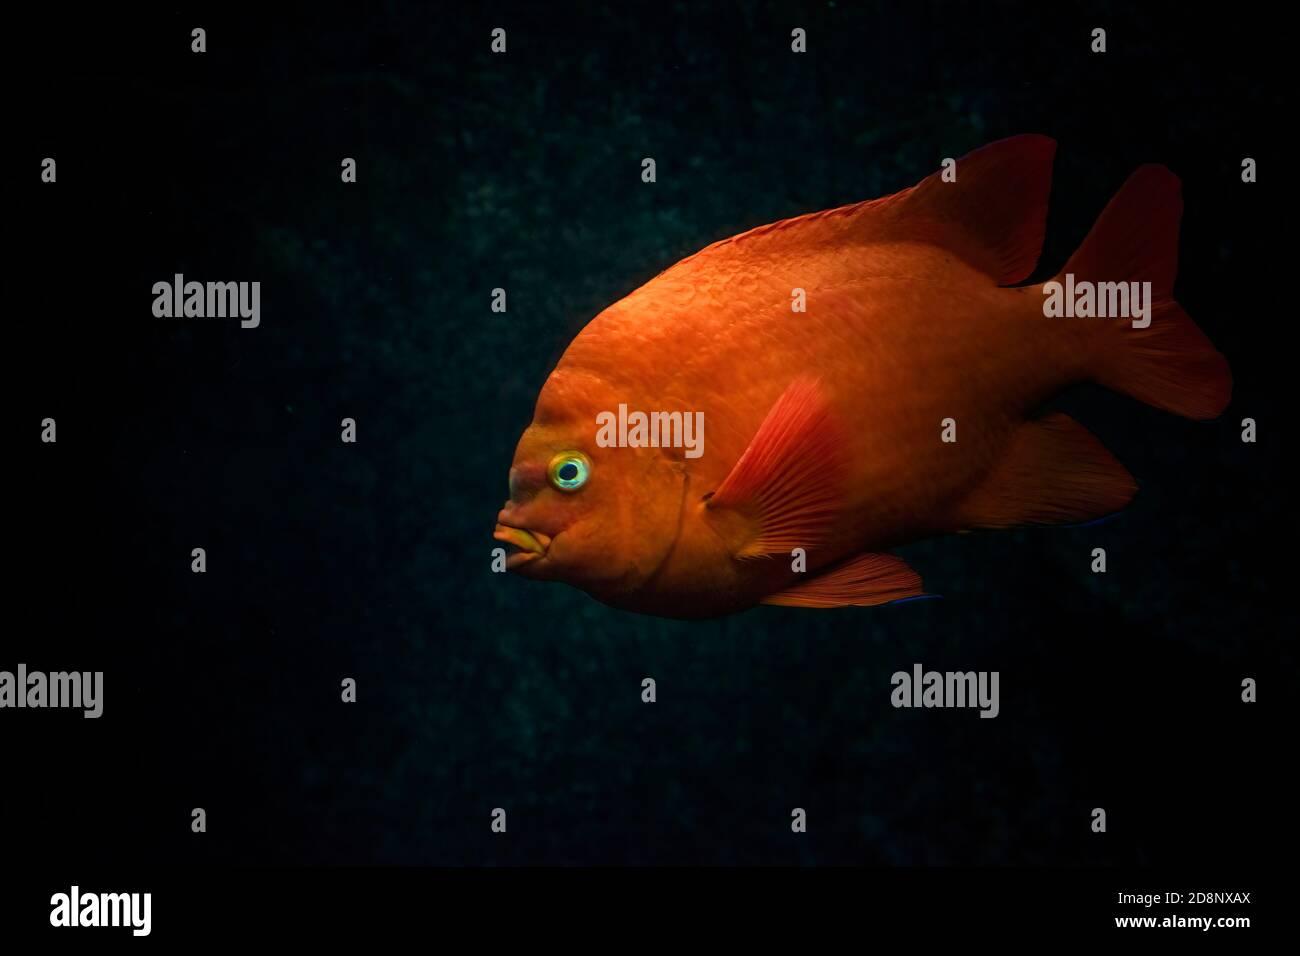 Rojo naranja Garibaldi o Garibaldi maldito (Hypsypops rubicundus) nadar en el océano. Fondo oscuro. Foto de stock